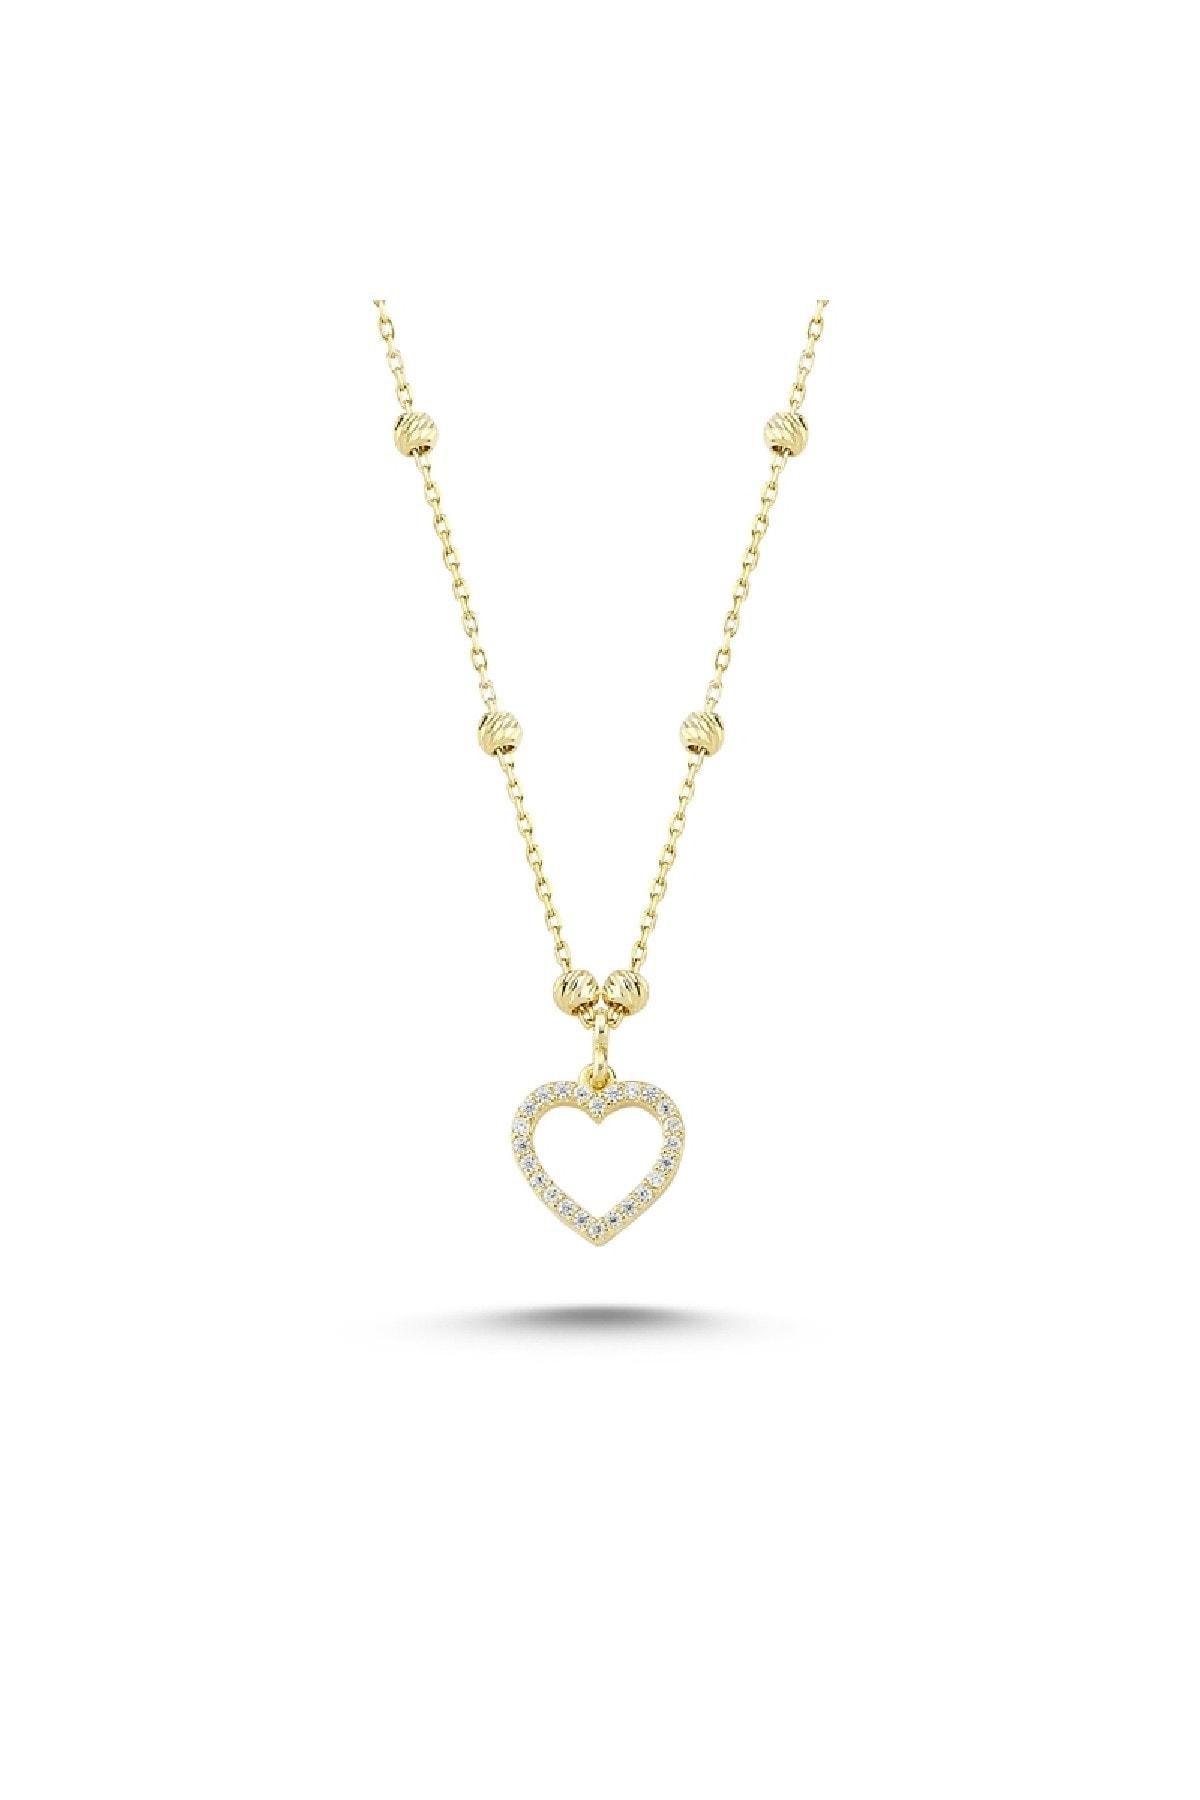 Silverella Gümüş 925 Ayar Dorica Top & Zirkon Taşlı Kalp Kolye